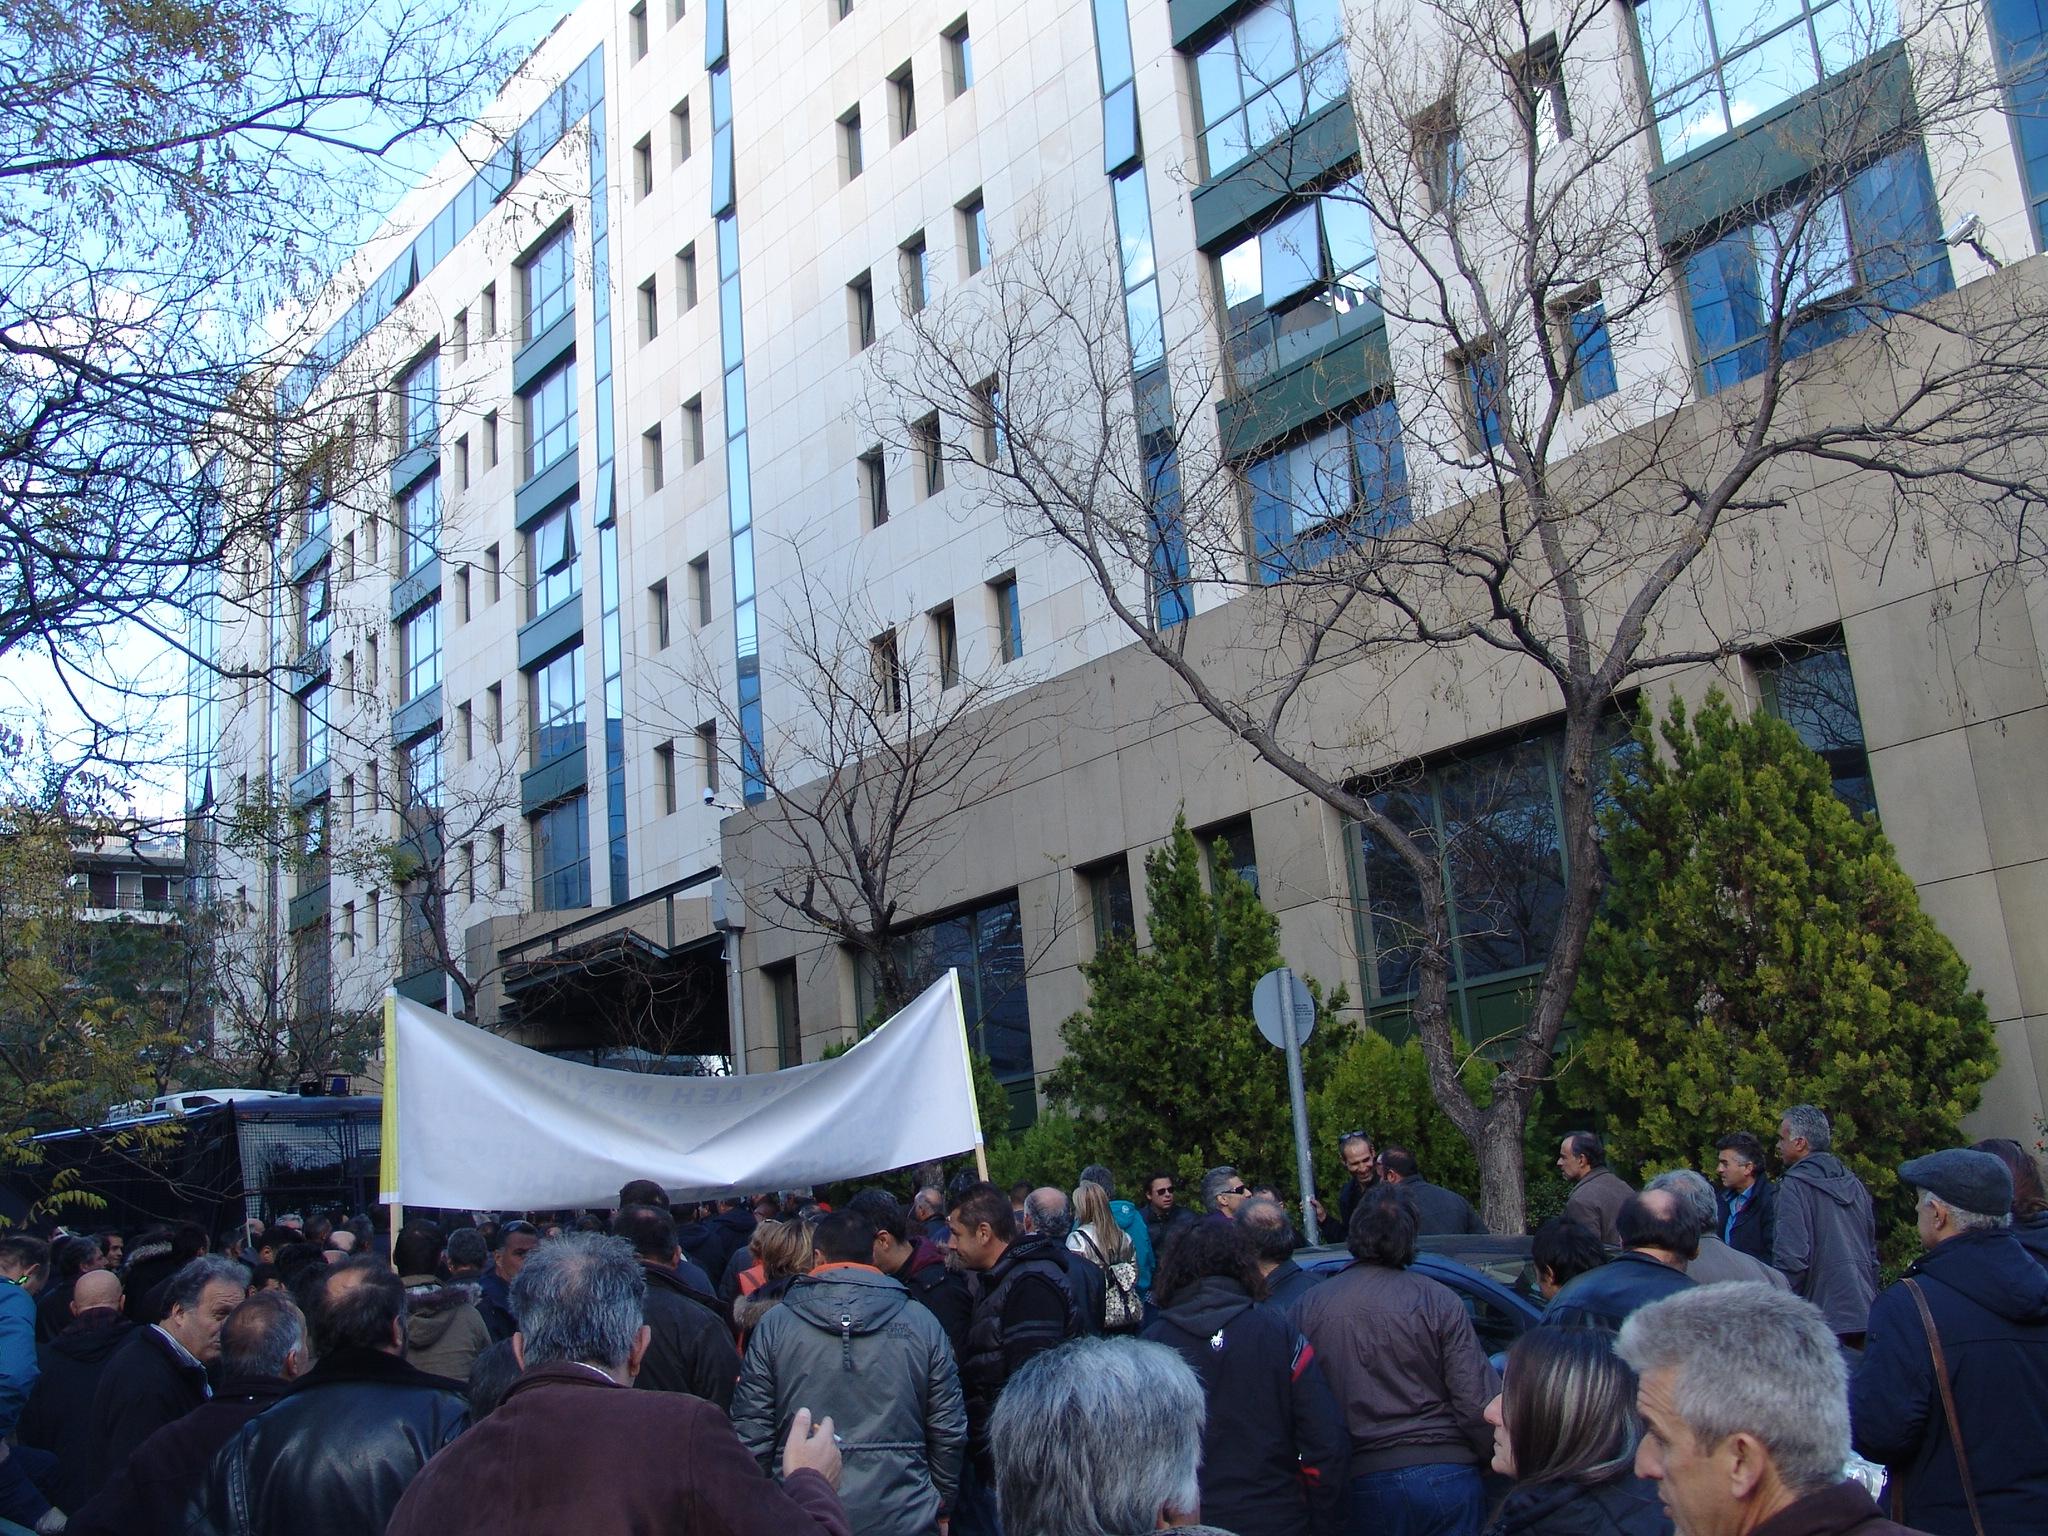 Συγκέντρωση Διαμαρτυρίας στο υπουργείο Ενέργειας ενάντια στο ξεπούλημα της ΔΕΗ